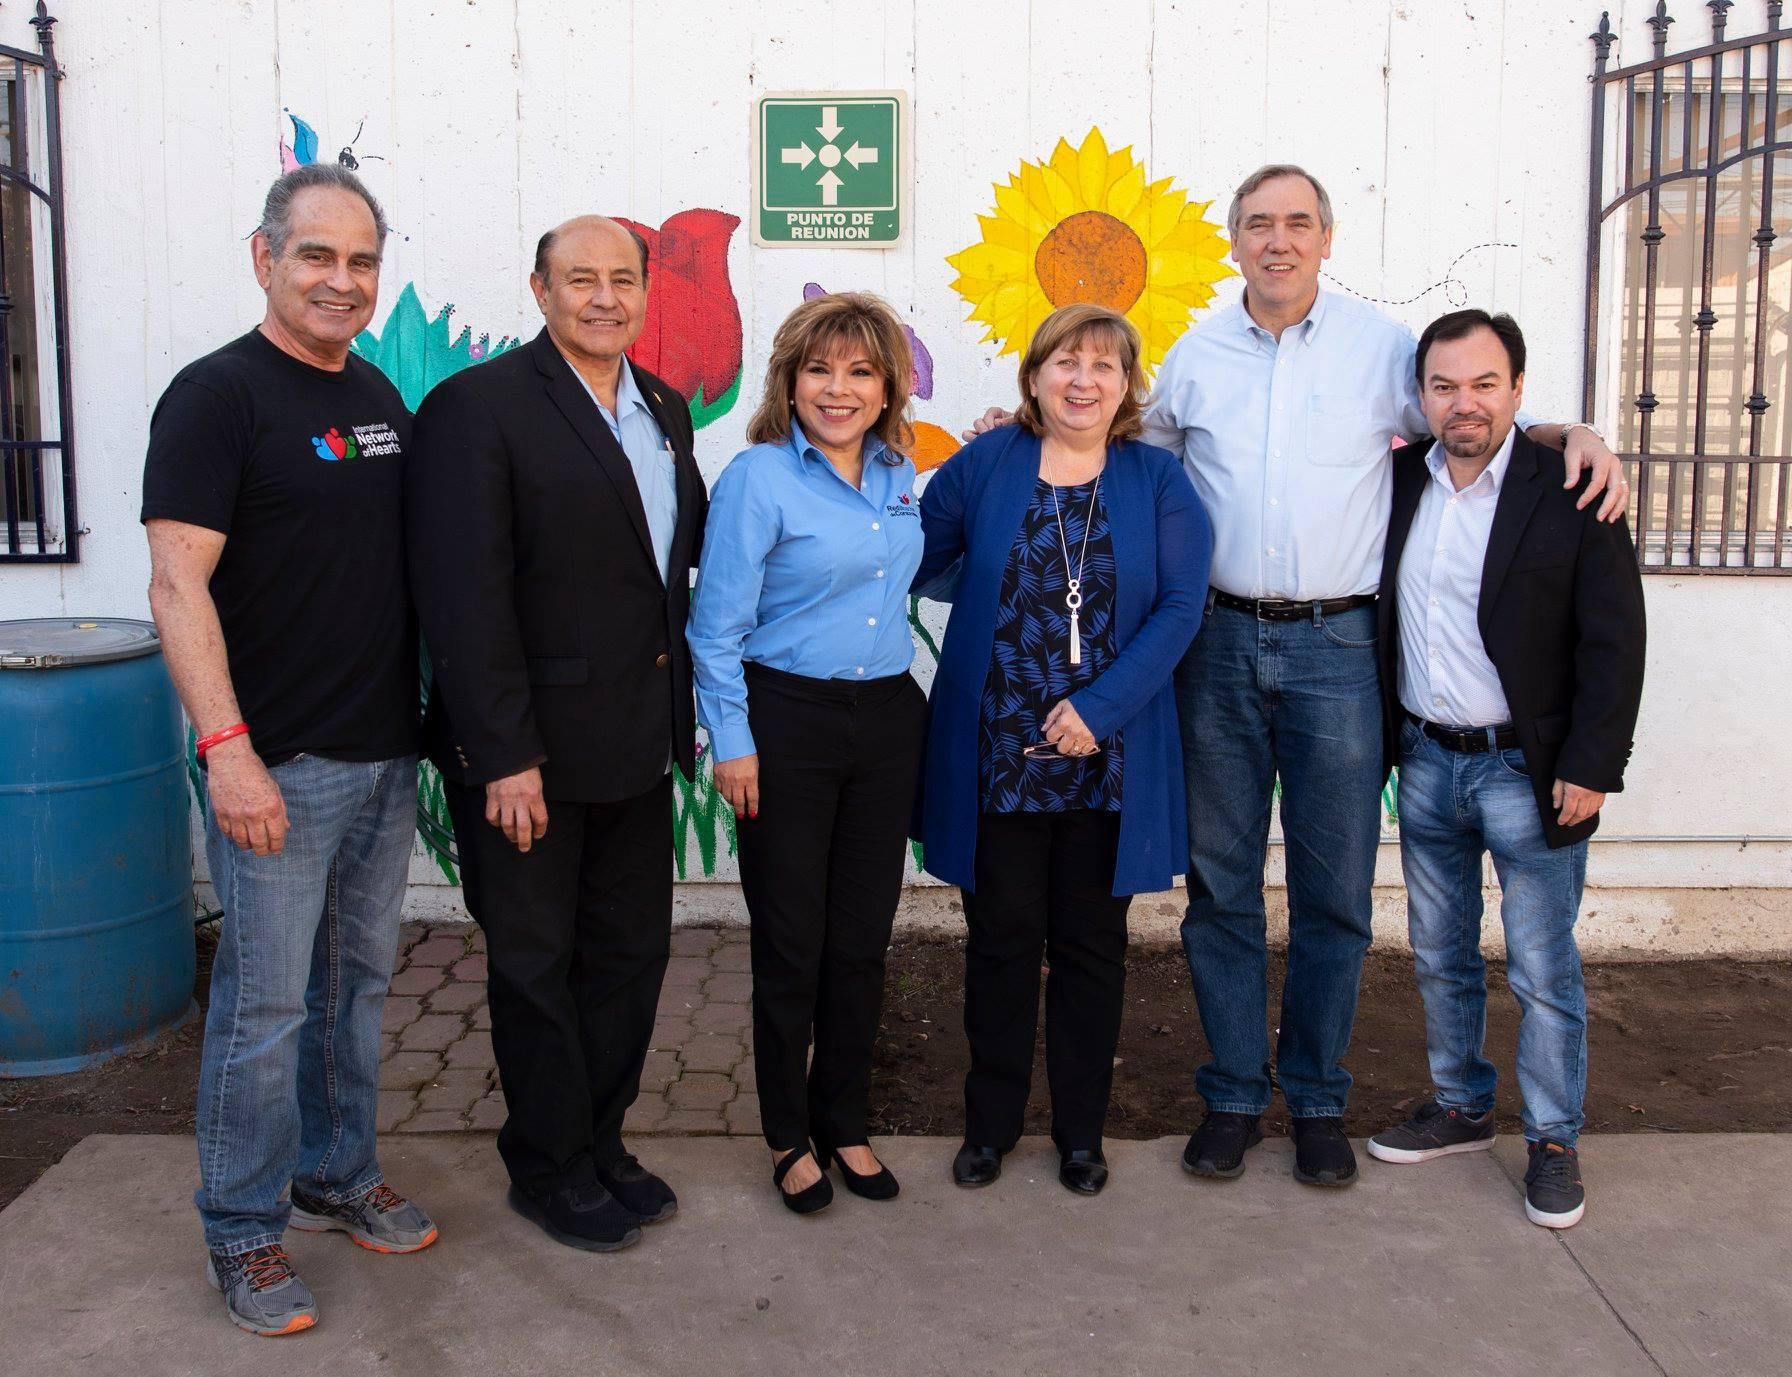 Sue Saarnio Cónsul General de los Estados Unidos en Tijuana, el Senador Jeff Merkley y el Congresista J. Luis Correa visitan La Casa del Jardin